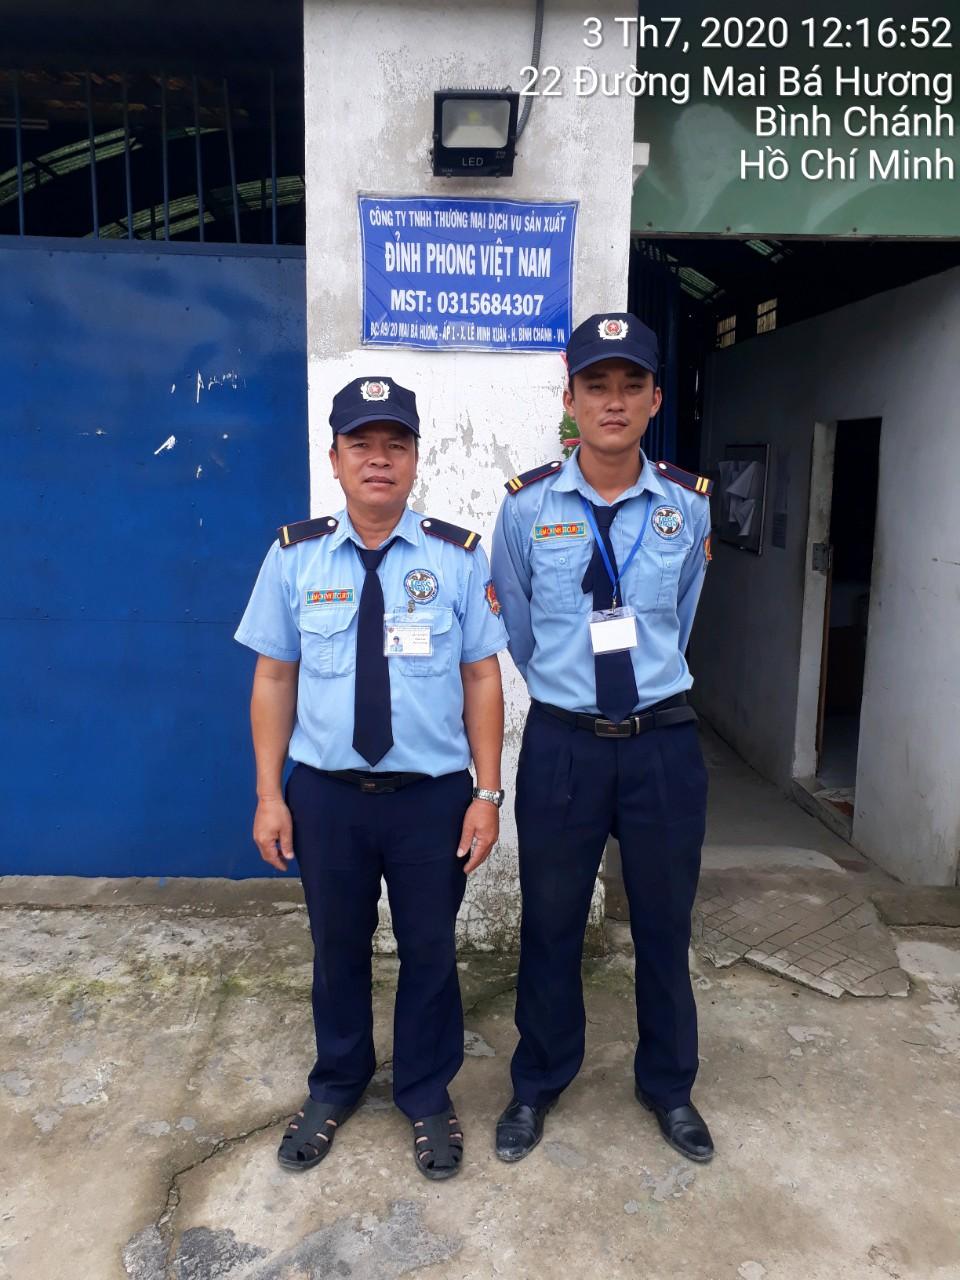 Dịch vụ bảo vệ giá rẻ Đồng Nai